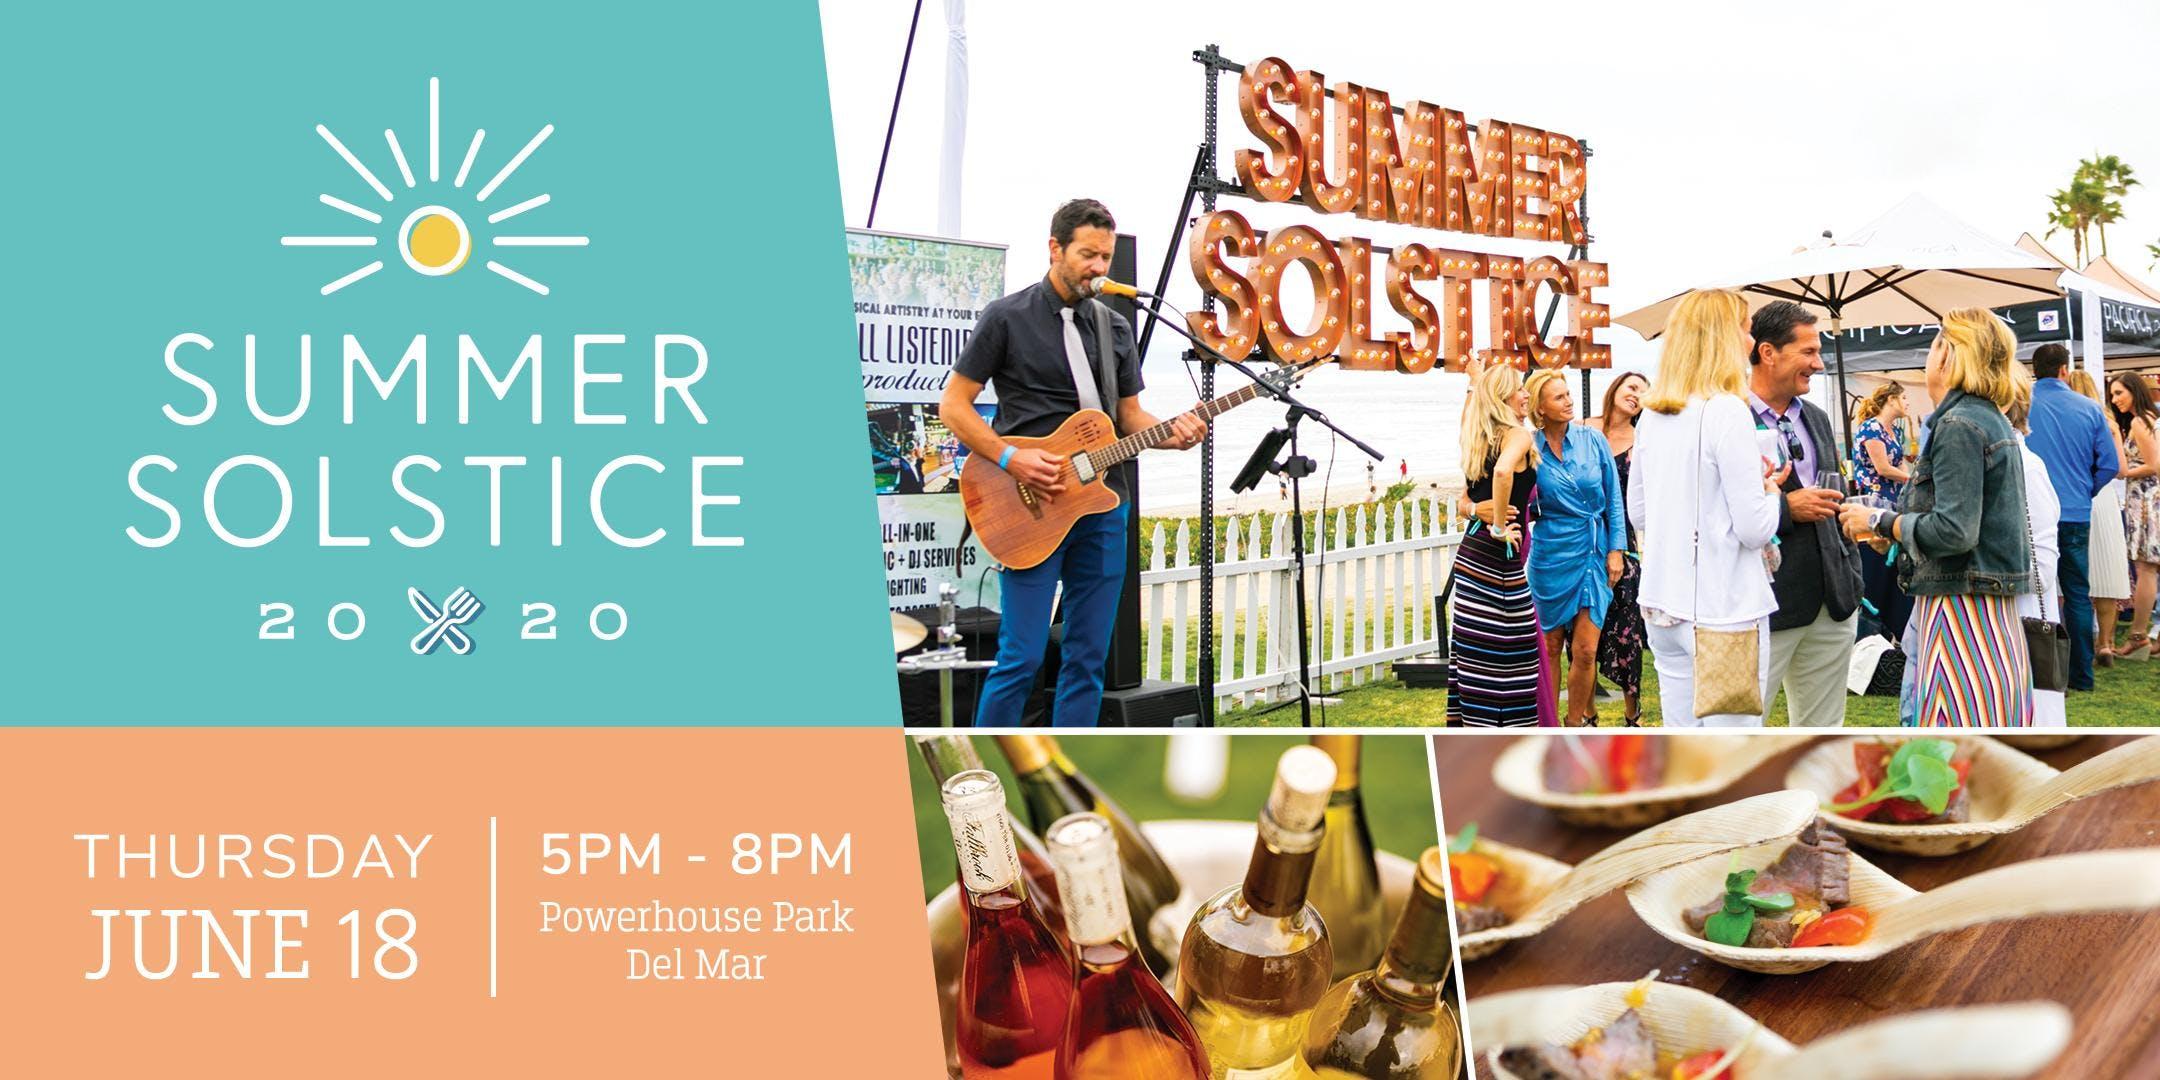 Summer Solstice 2020.Del Mar Summer Solstice 2020